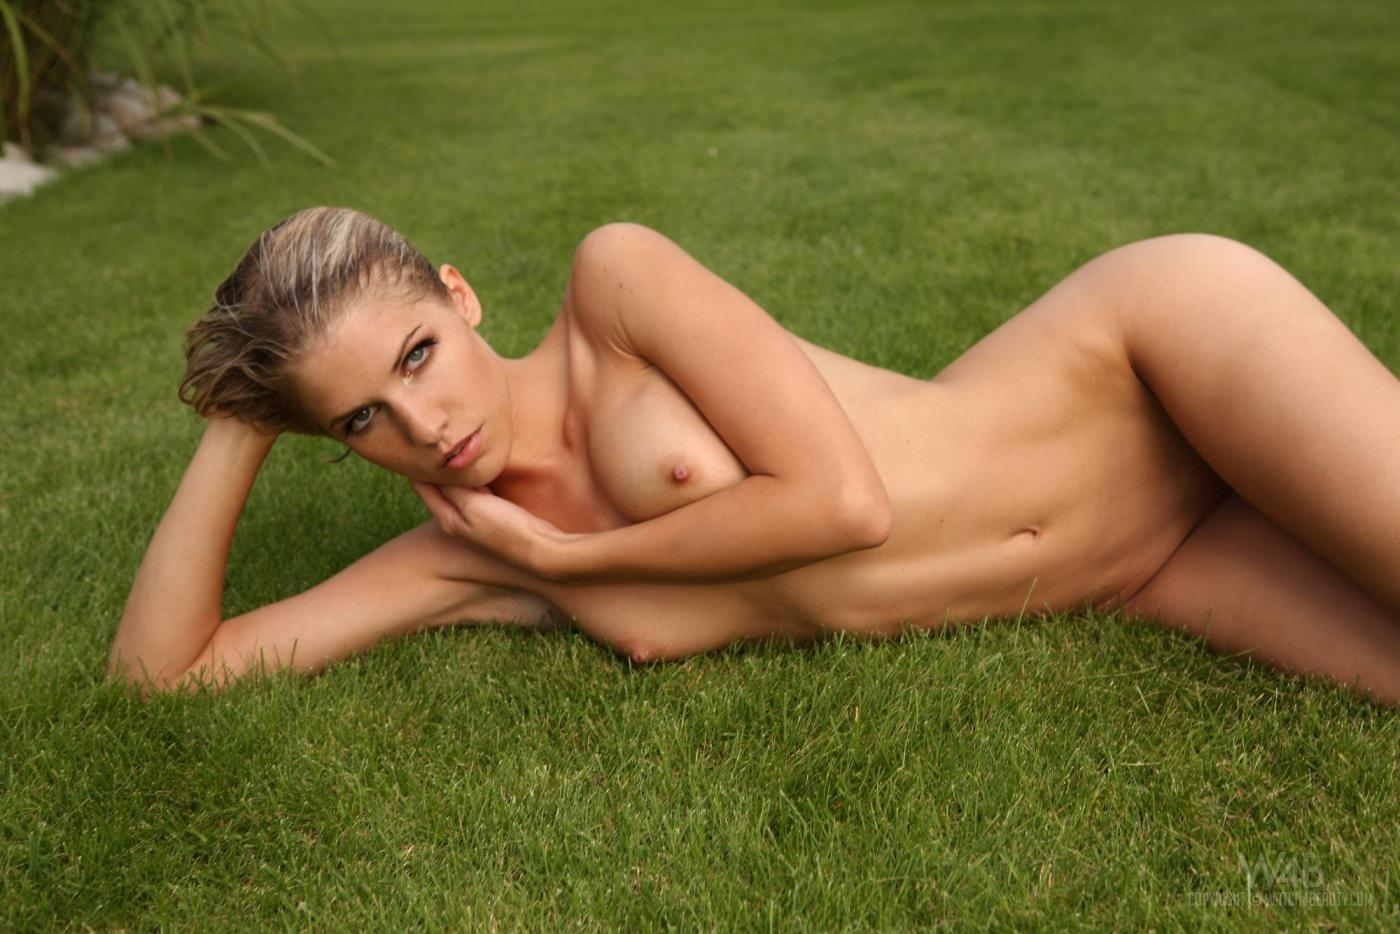 Полностью голая милашка Iveta Vale с обольстительной грудью красуется в траве и принимает уличный душ